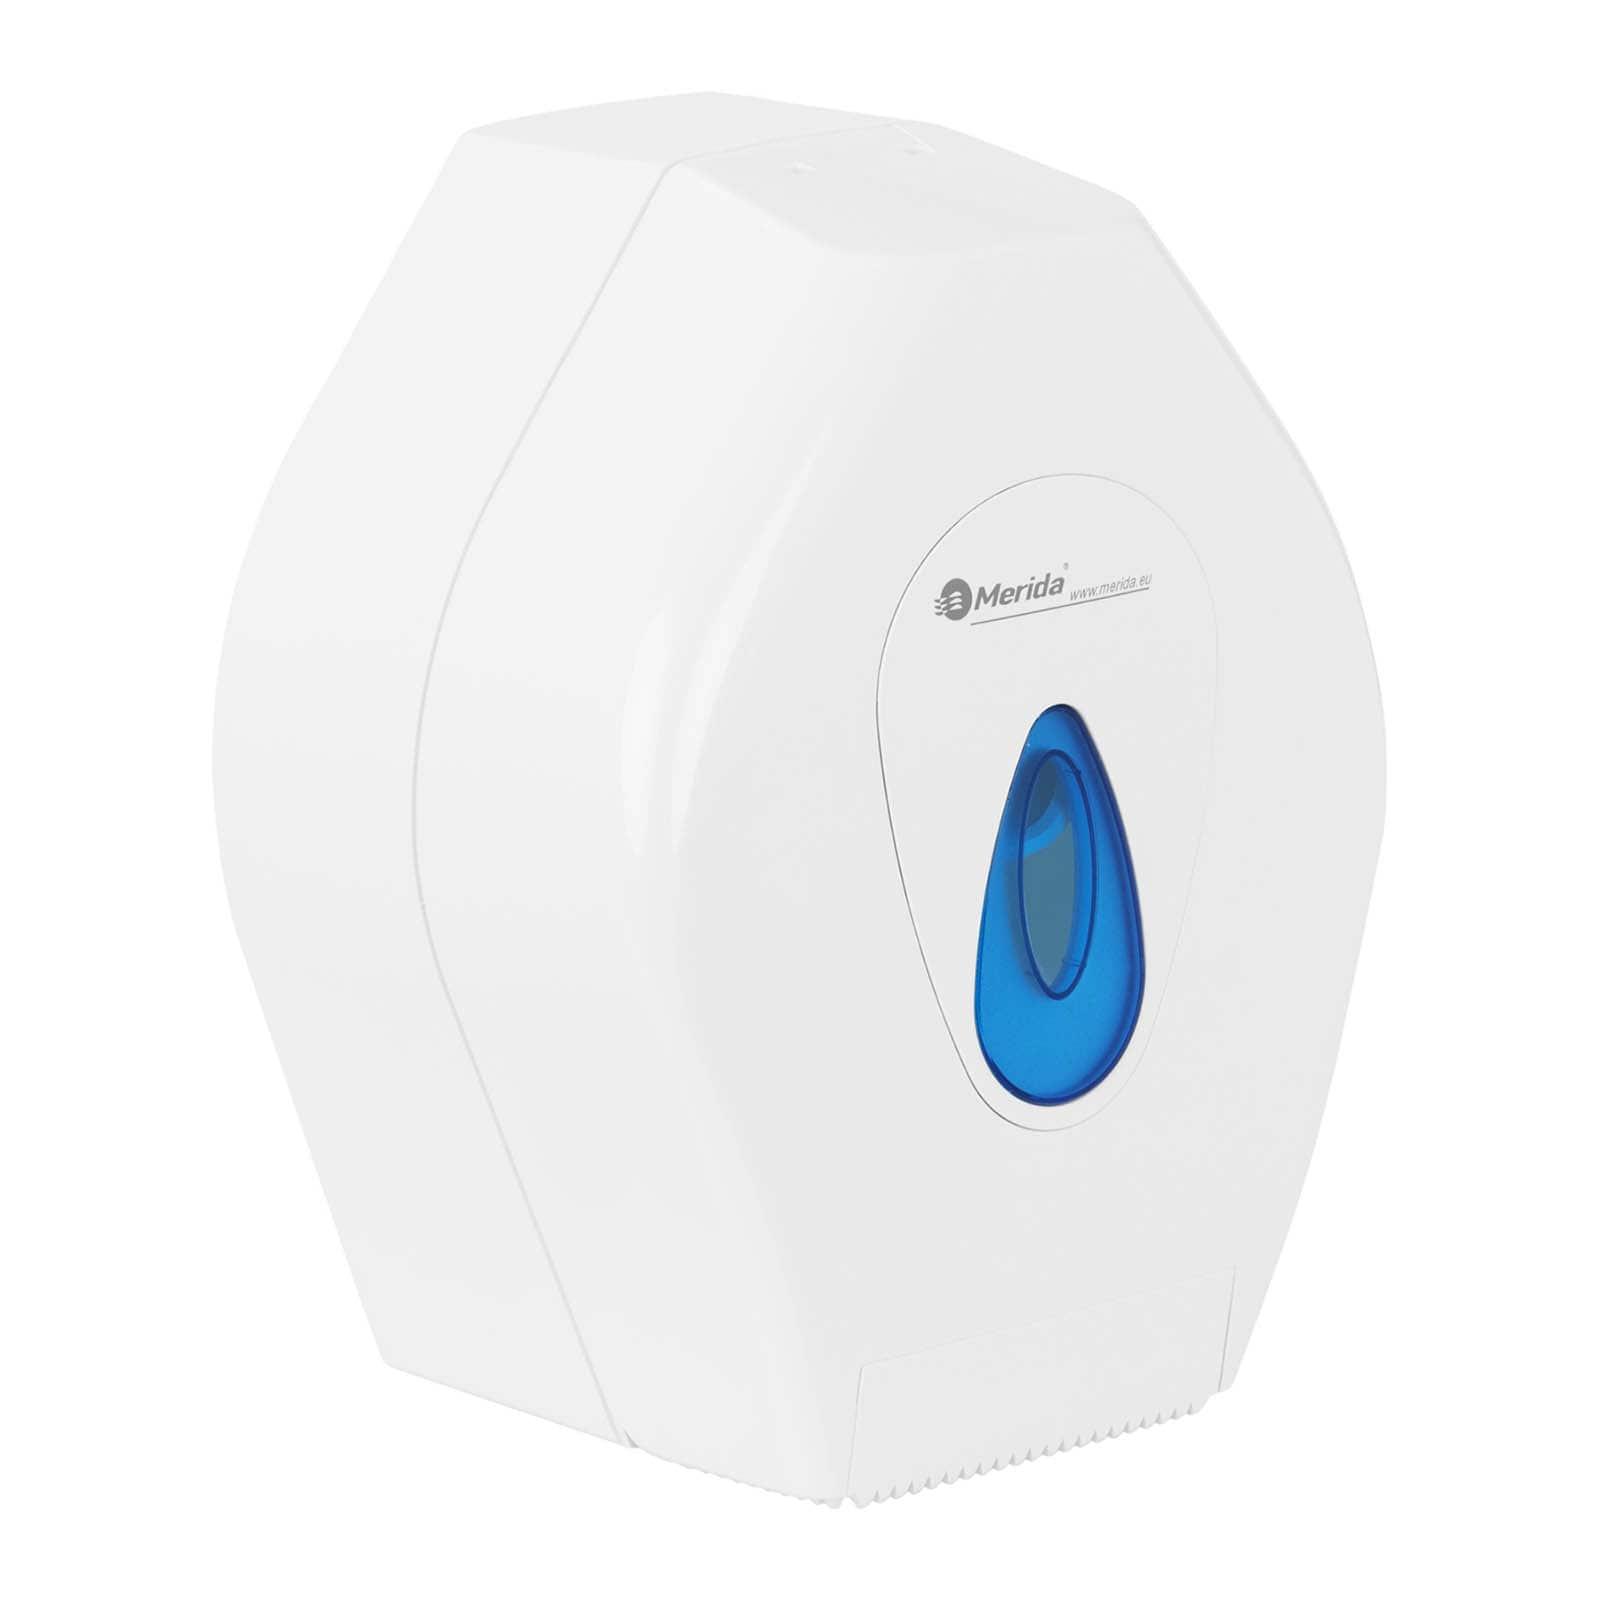 Pojemnik na papier toaletowy - ABS - niebieskie okienko